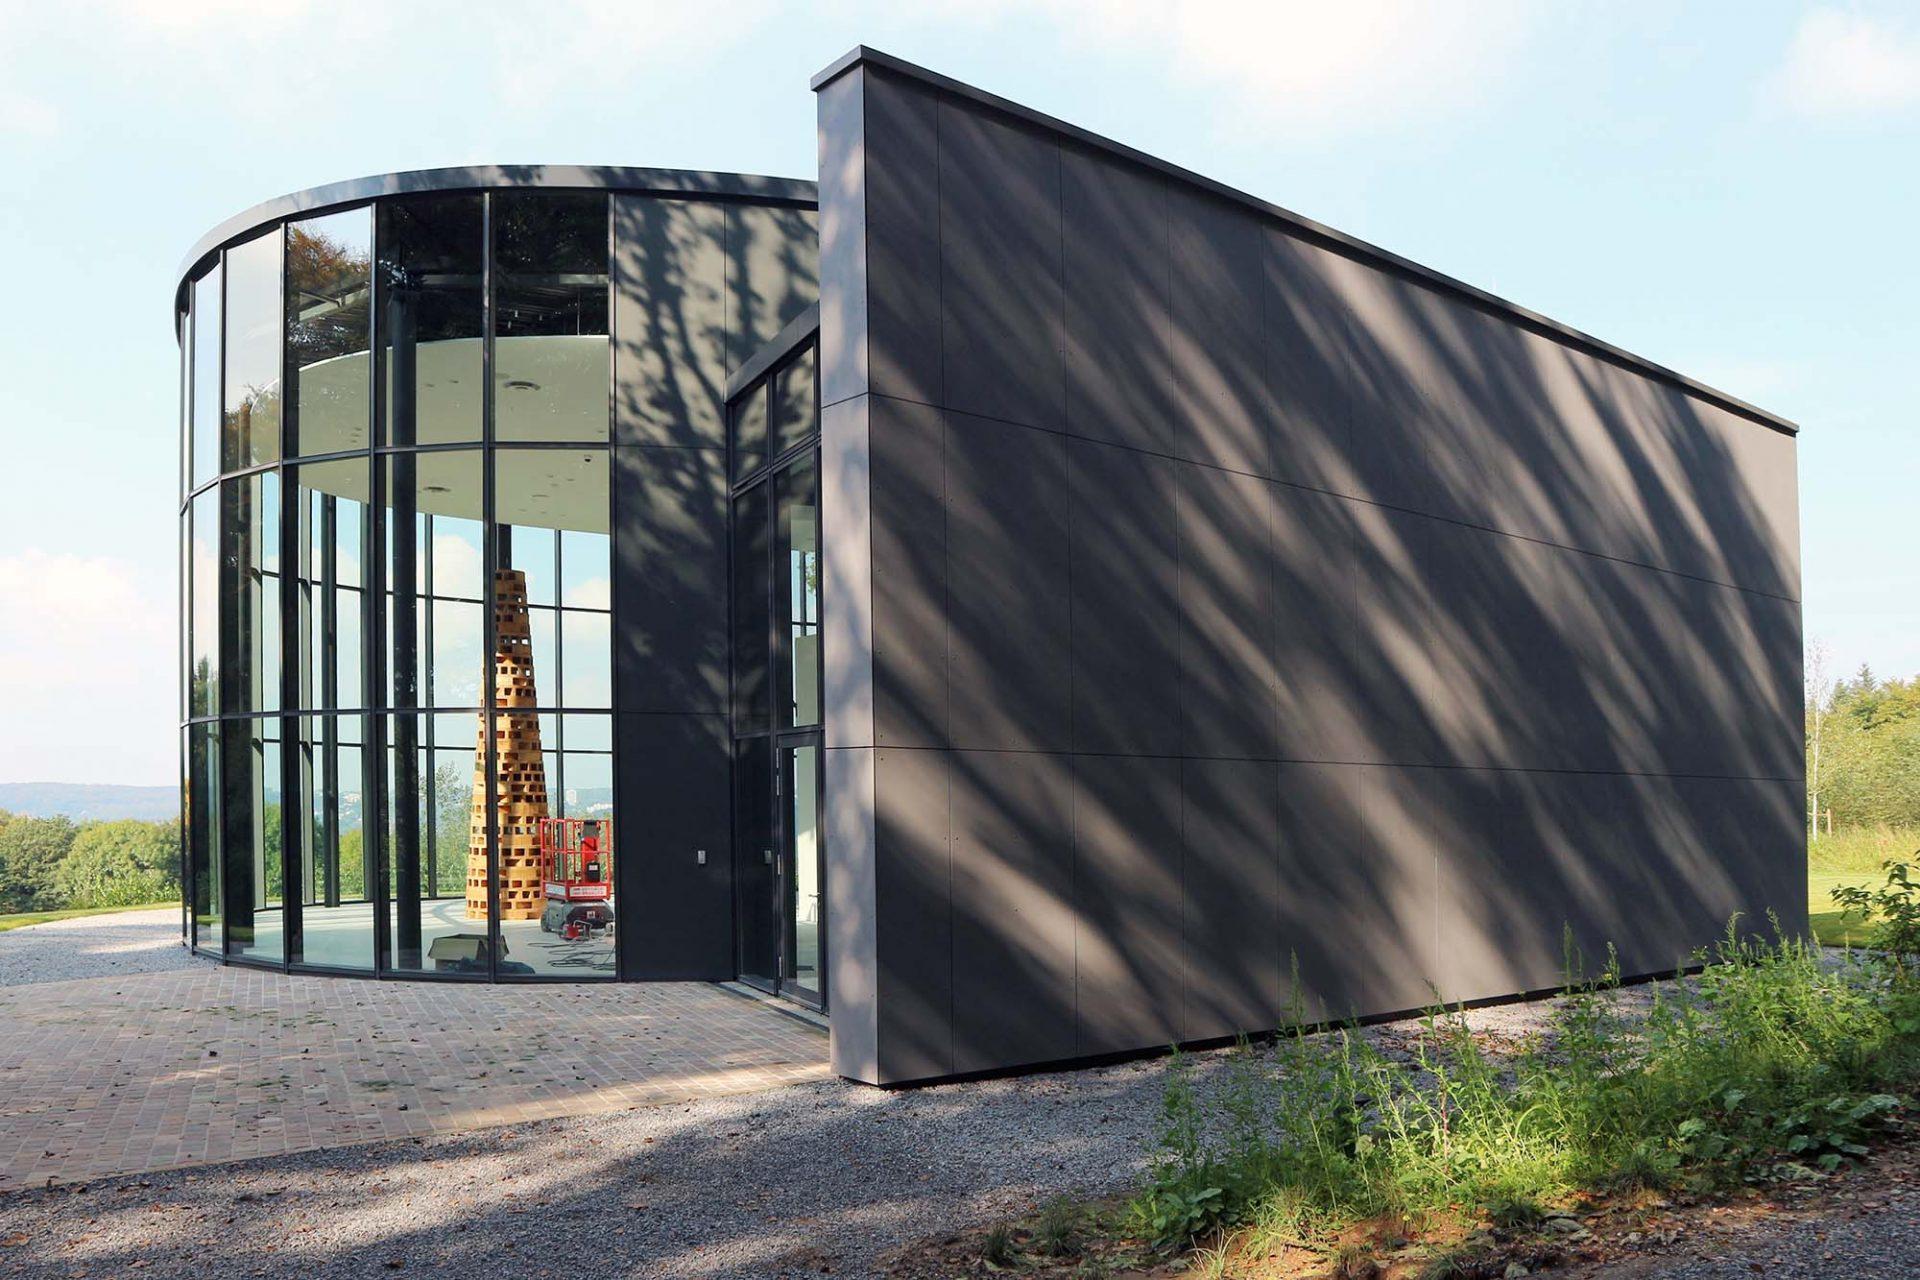 Skultpturenpark Waldfrieden. Ausstellungshalle, Architekt Hoppe, eröffnet Oktober 2017